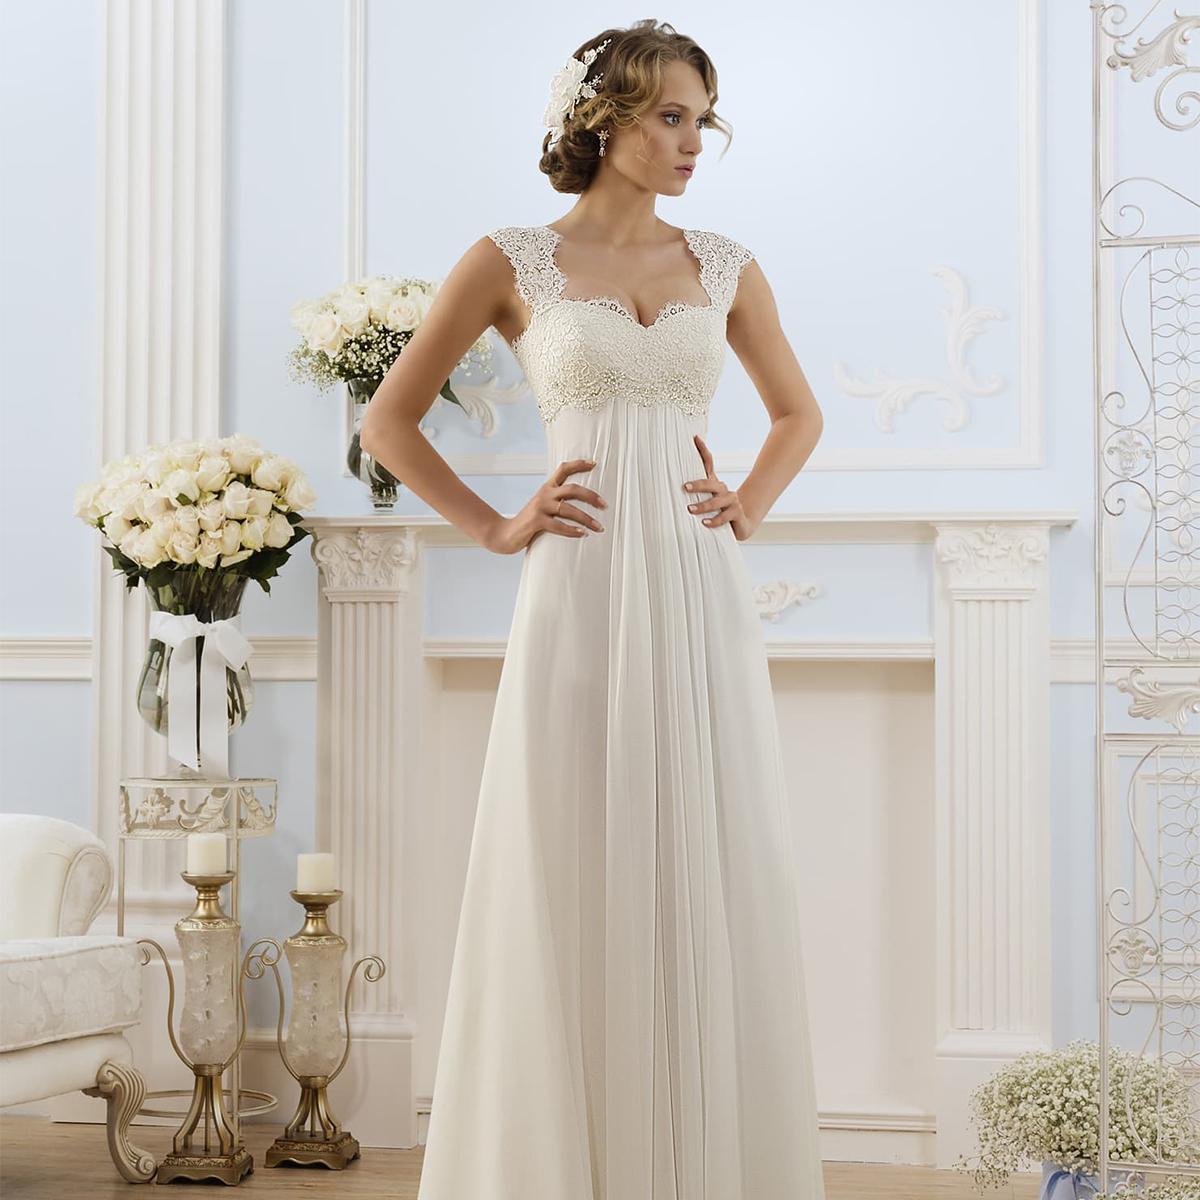 Короткое свадебное платье картинки